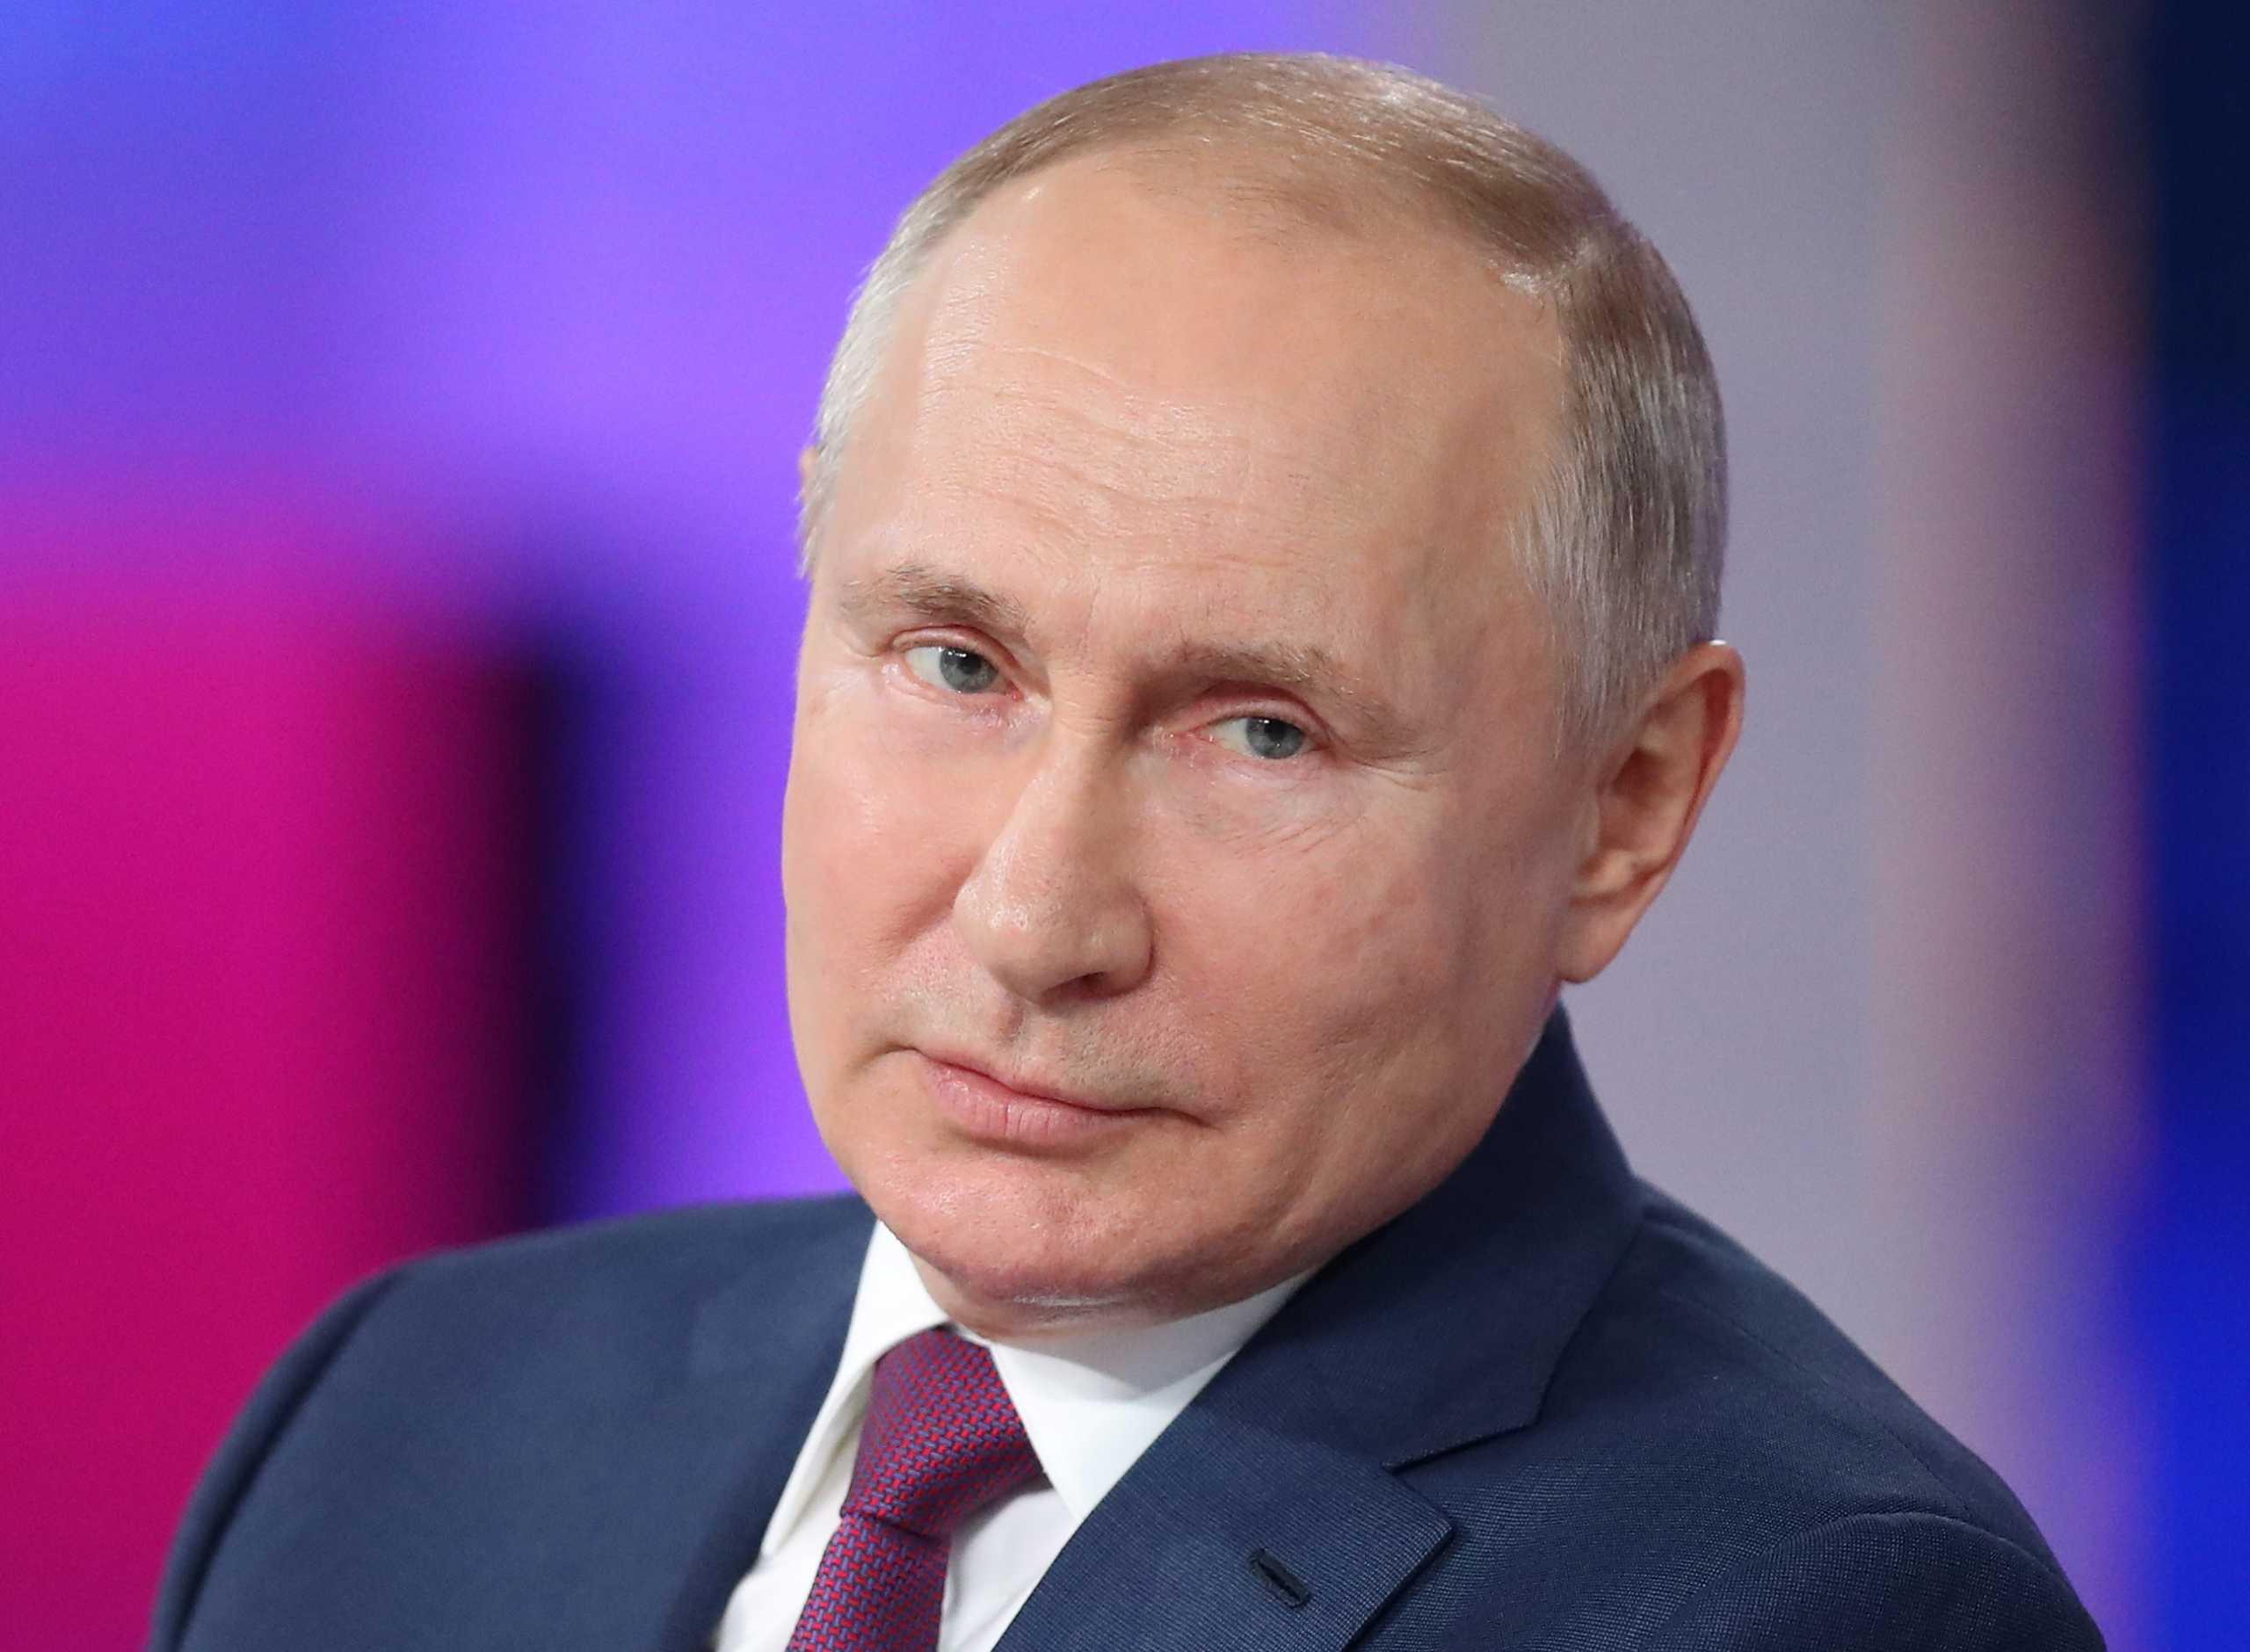 Ρωσία: Ο Βλαντιμίρ Πούτιν έχει πολλά αντισώματα μετά τον εμβολιασμό του με το Sputnik